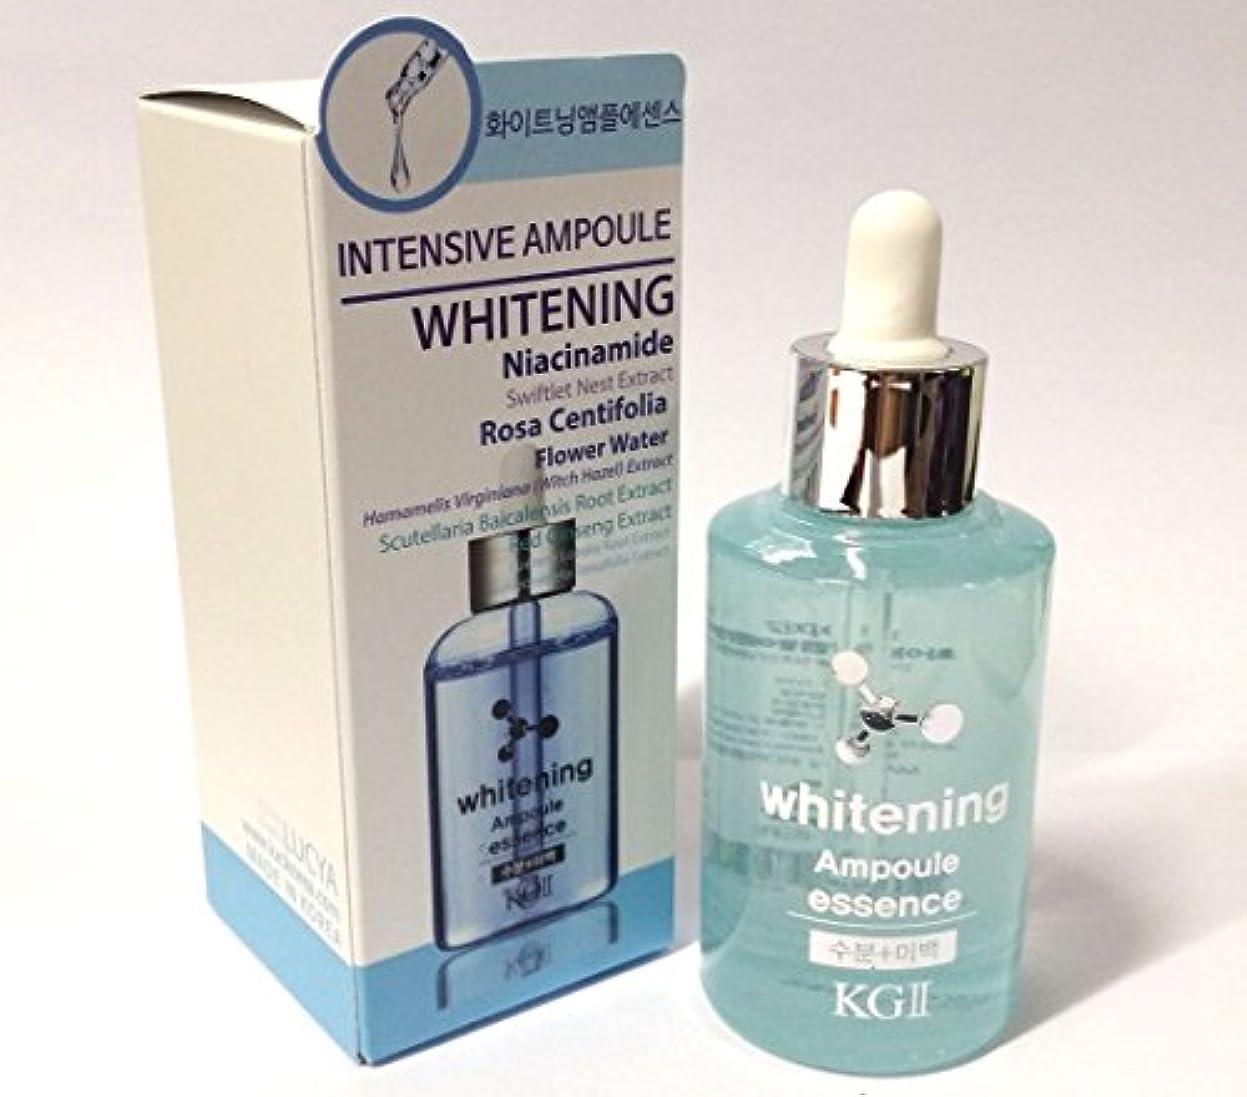 病なワーディアンケース温室[KG2] インテンシブホワイトニングエンプレスエッセンス50ml/Intensive whitening Ampoule Essence 50ml/湿気、美白/韓国化粧品/moisture, whitening/Korean Cosmetics [並行輸入品]